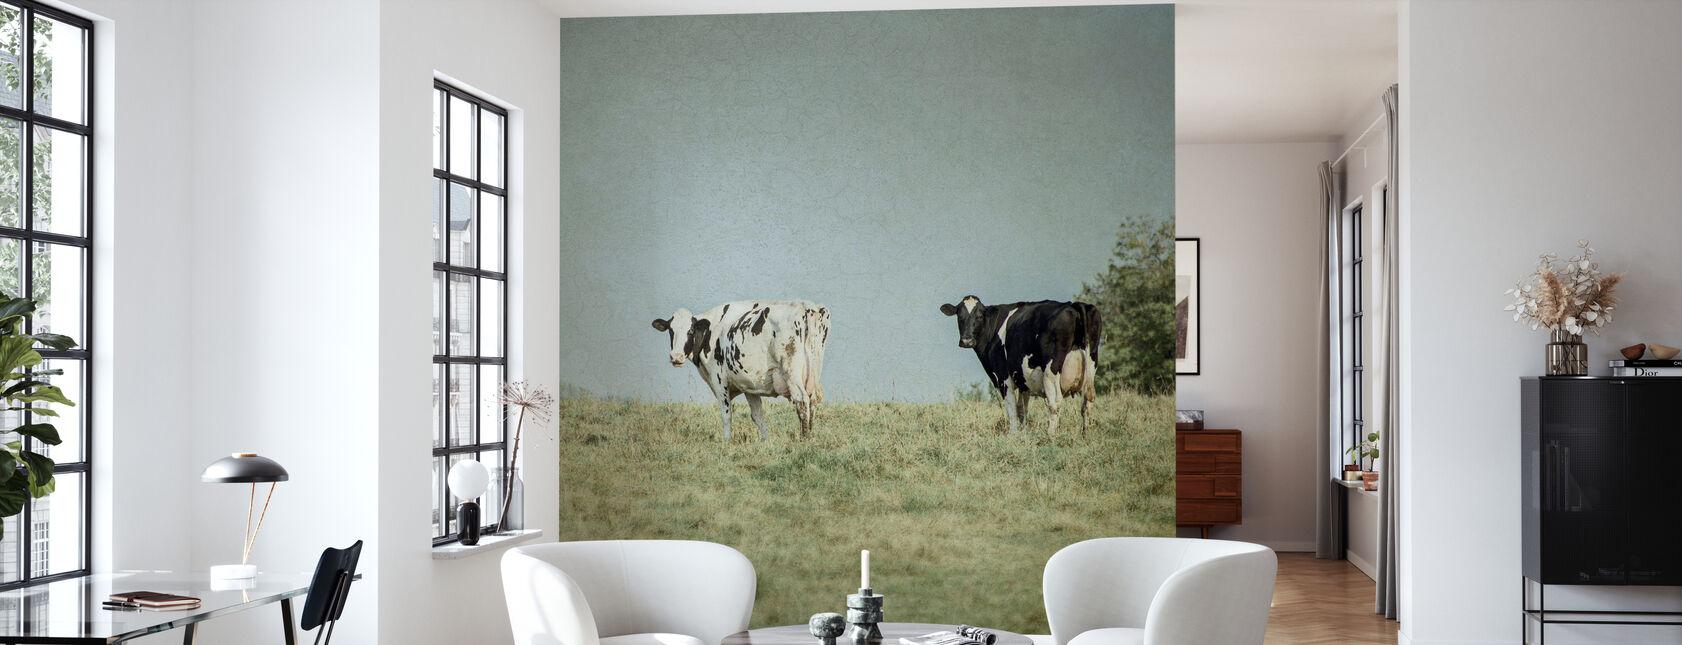 Grazende koeien - Behang - Woonkamer